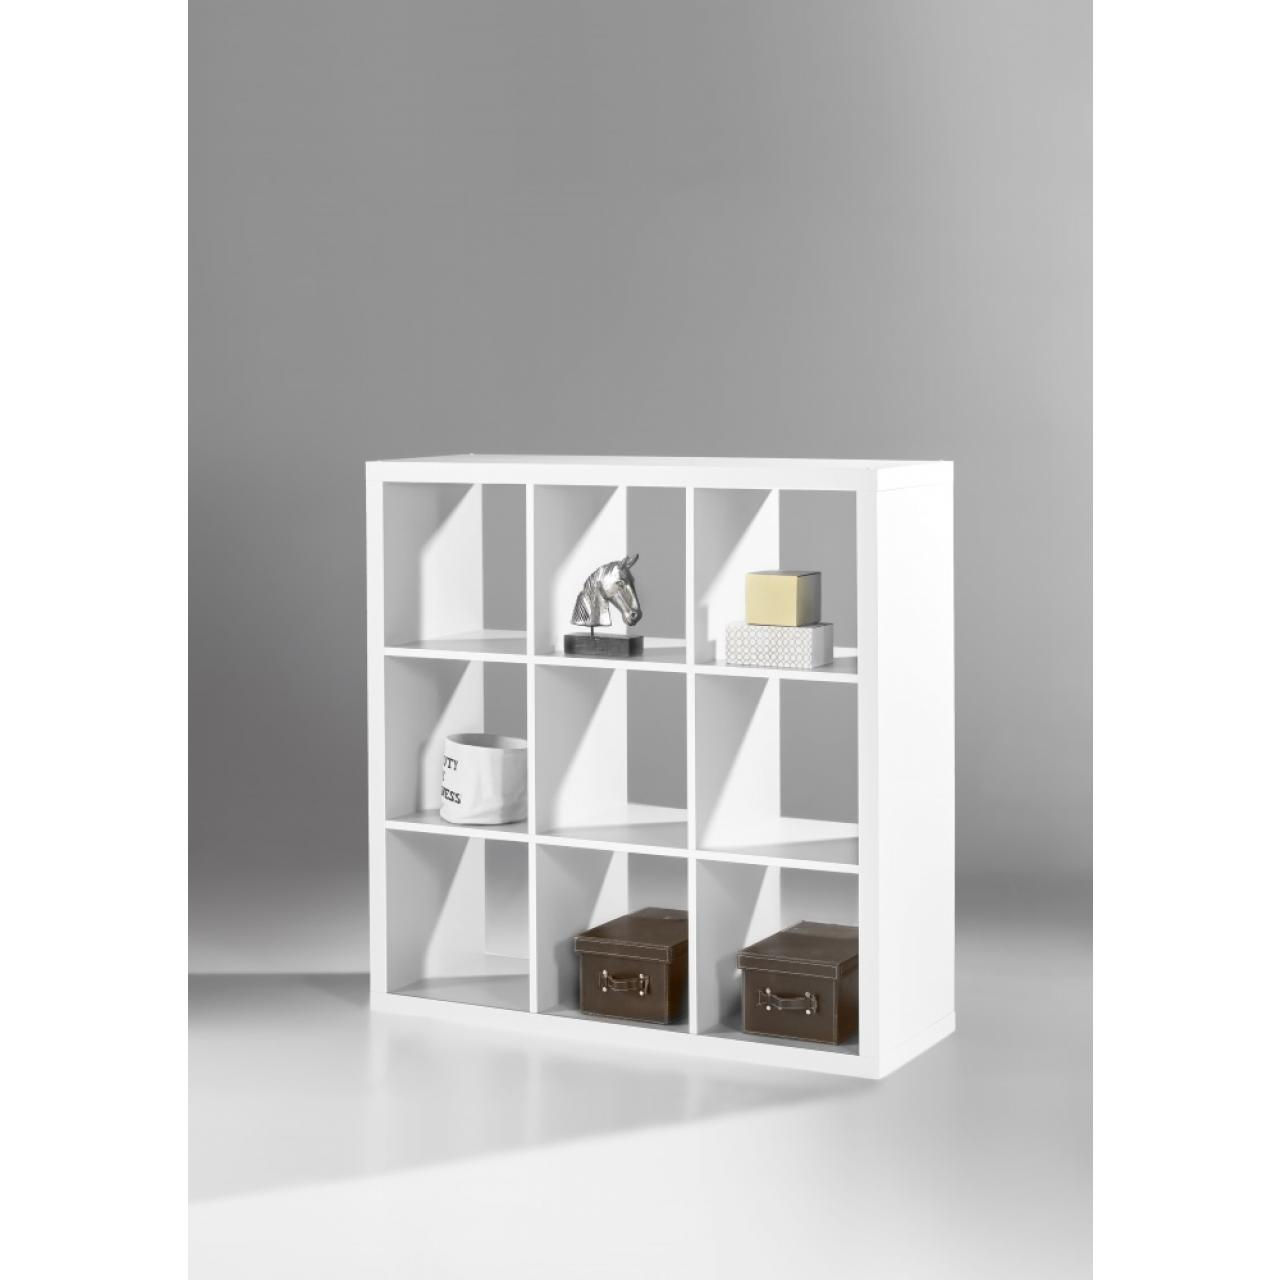 Raumteiler Style 133 Weiß 9 Fächer MDF Standregal Wohnzimmer Aufbewahrung